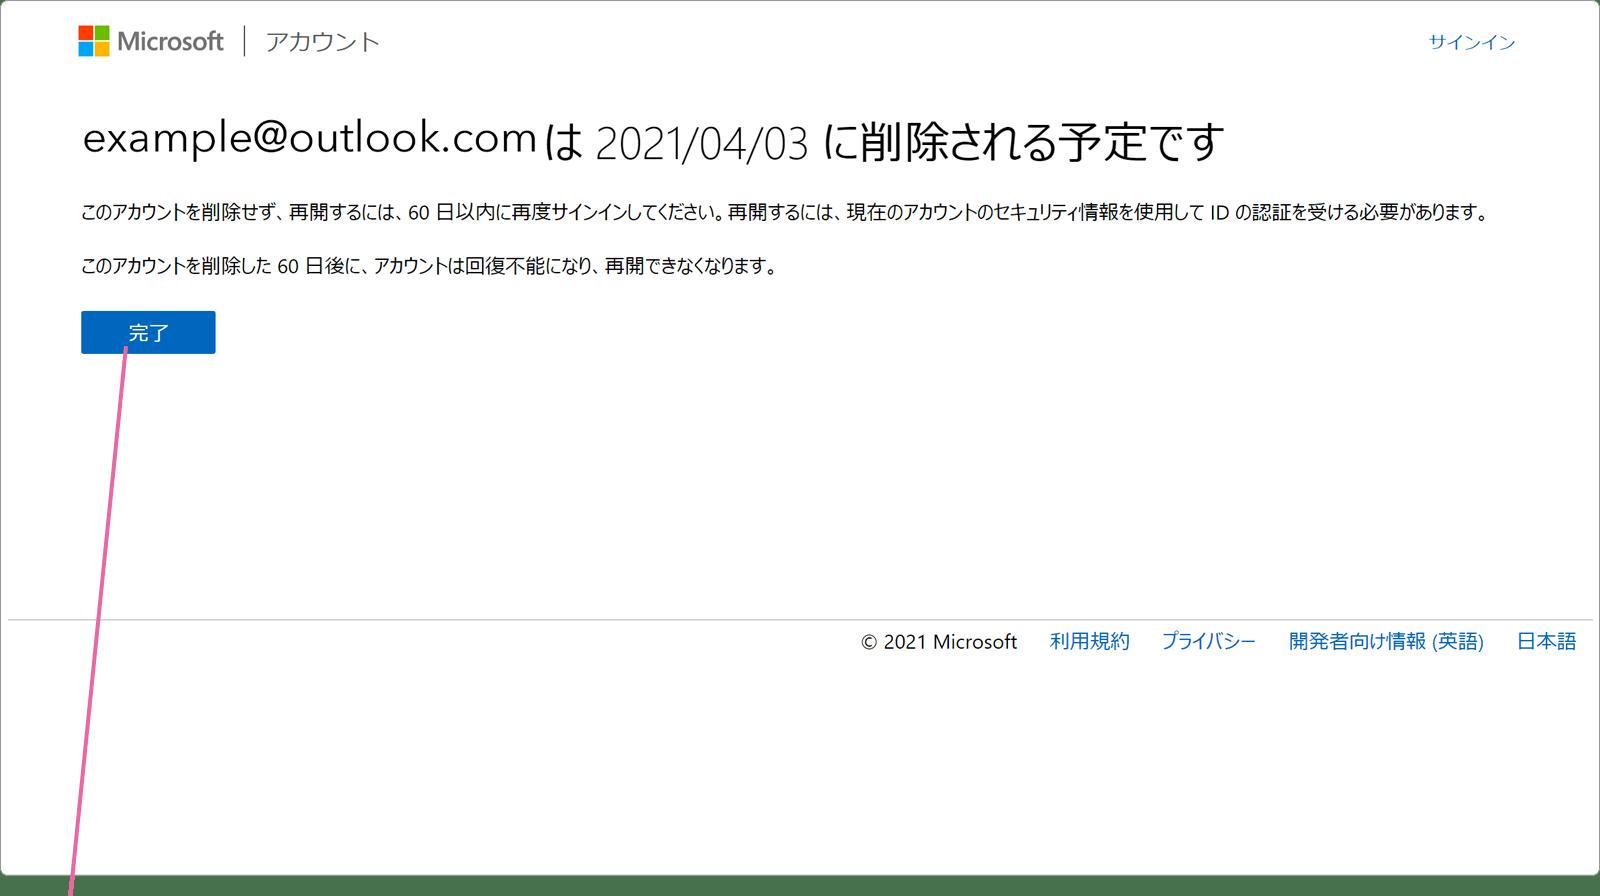 アカウント 削除 マイクロソフト